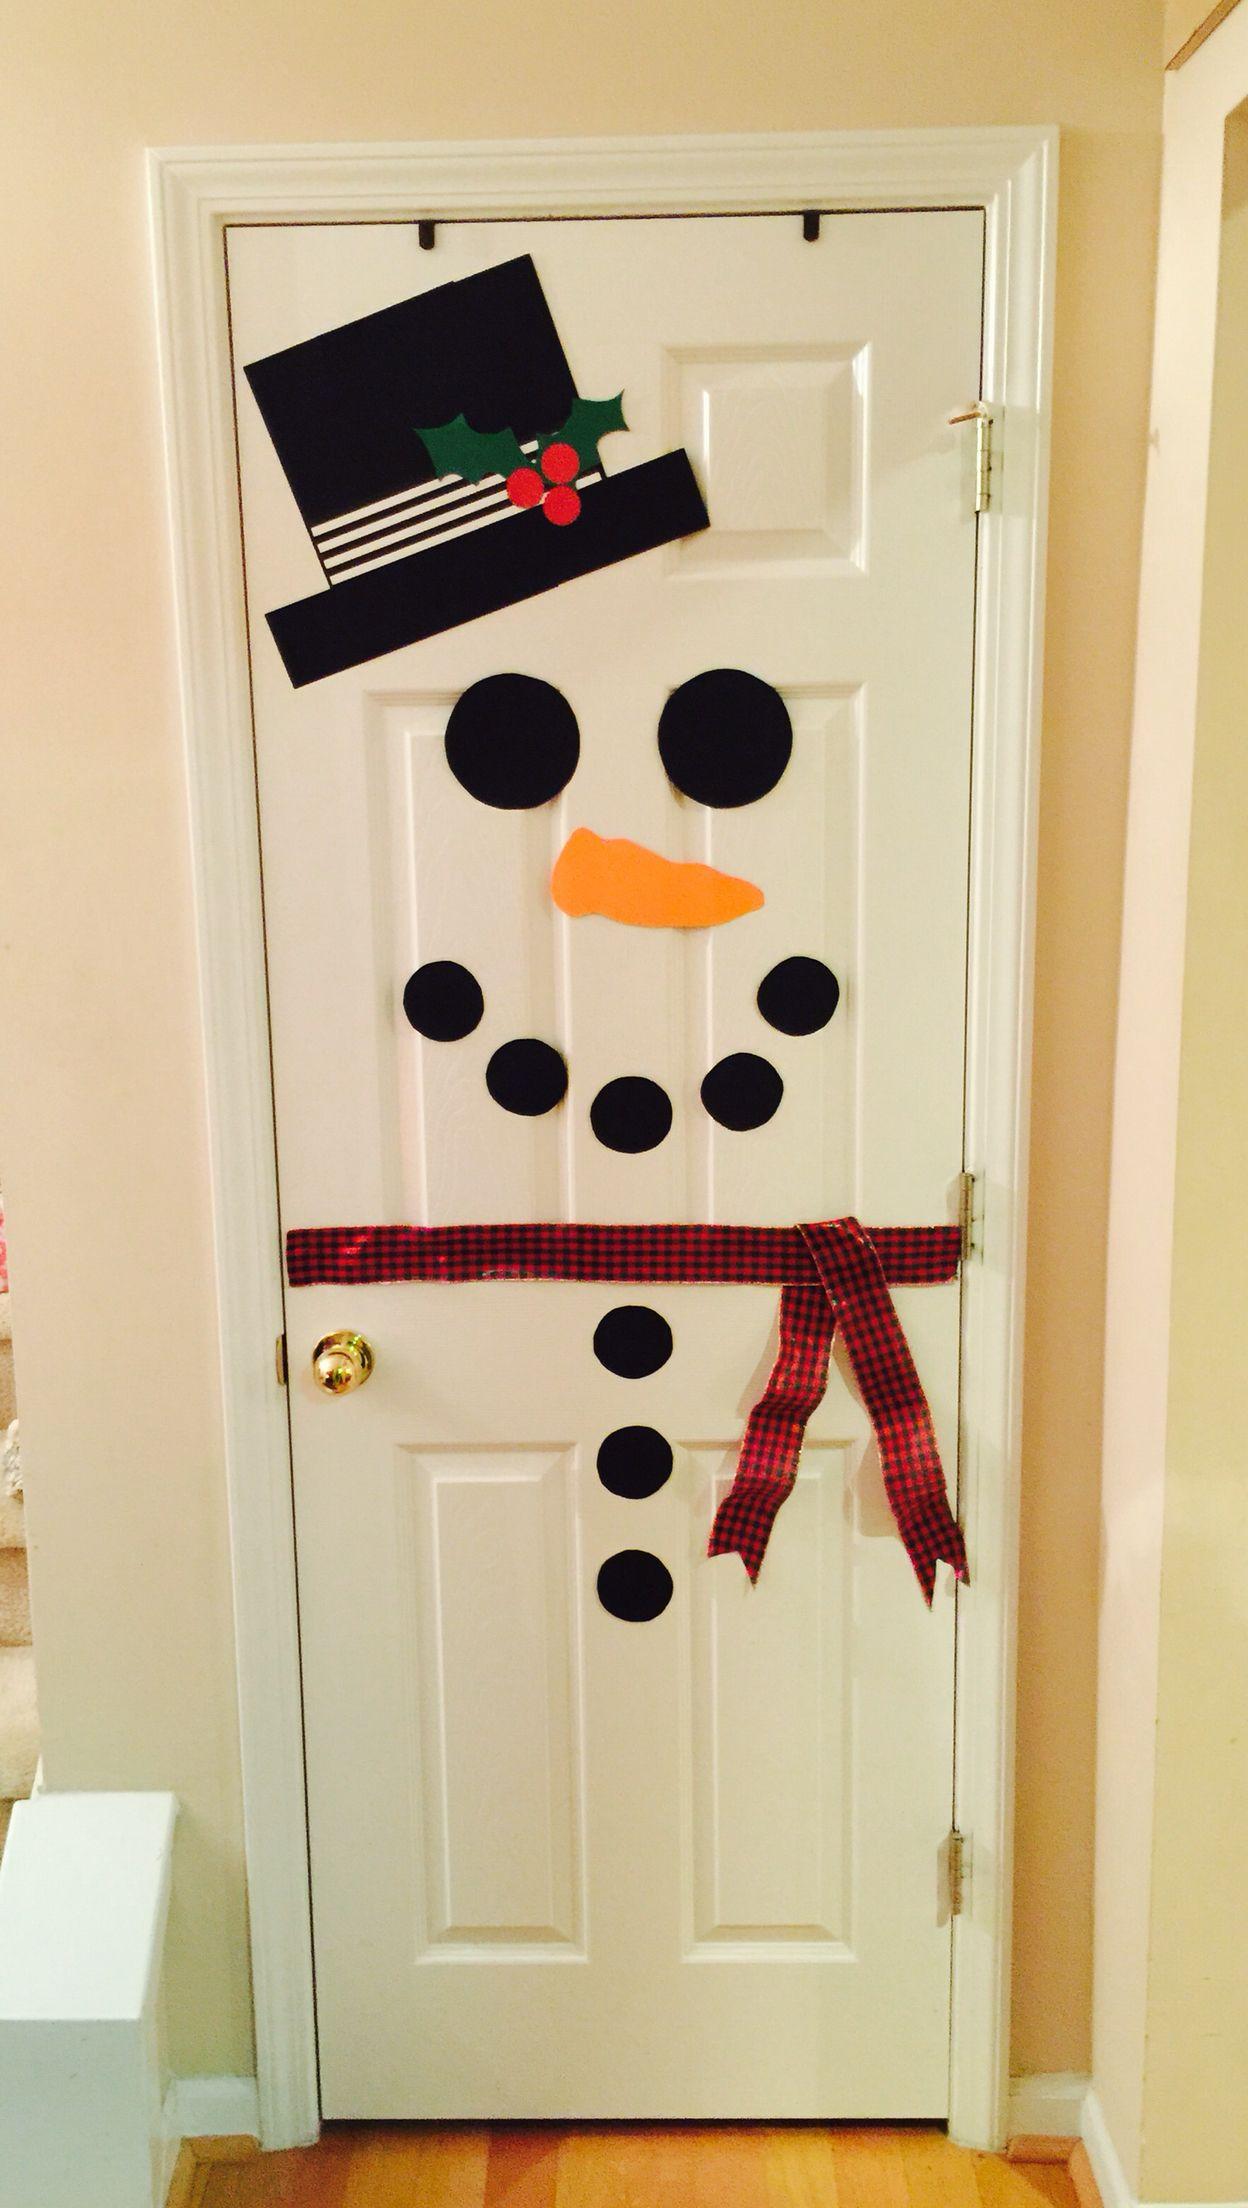 Snowman Door More & Snowman Door \u2026 | Pinteres\u2026